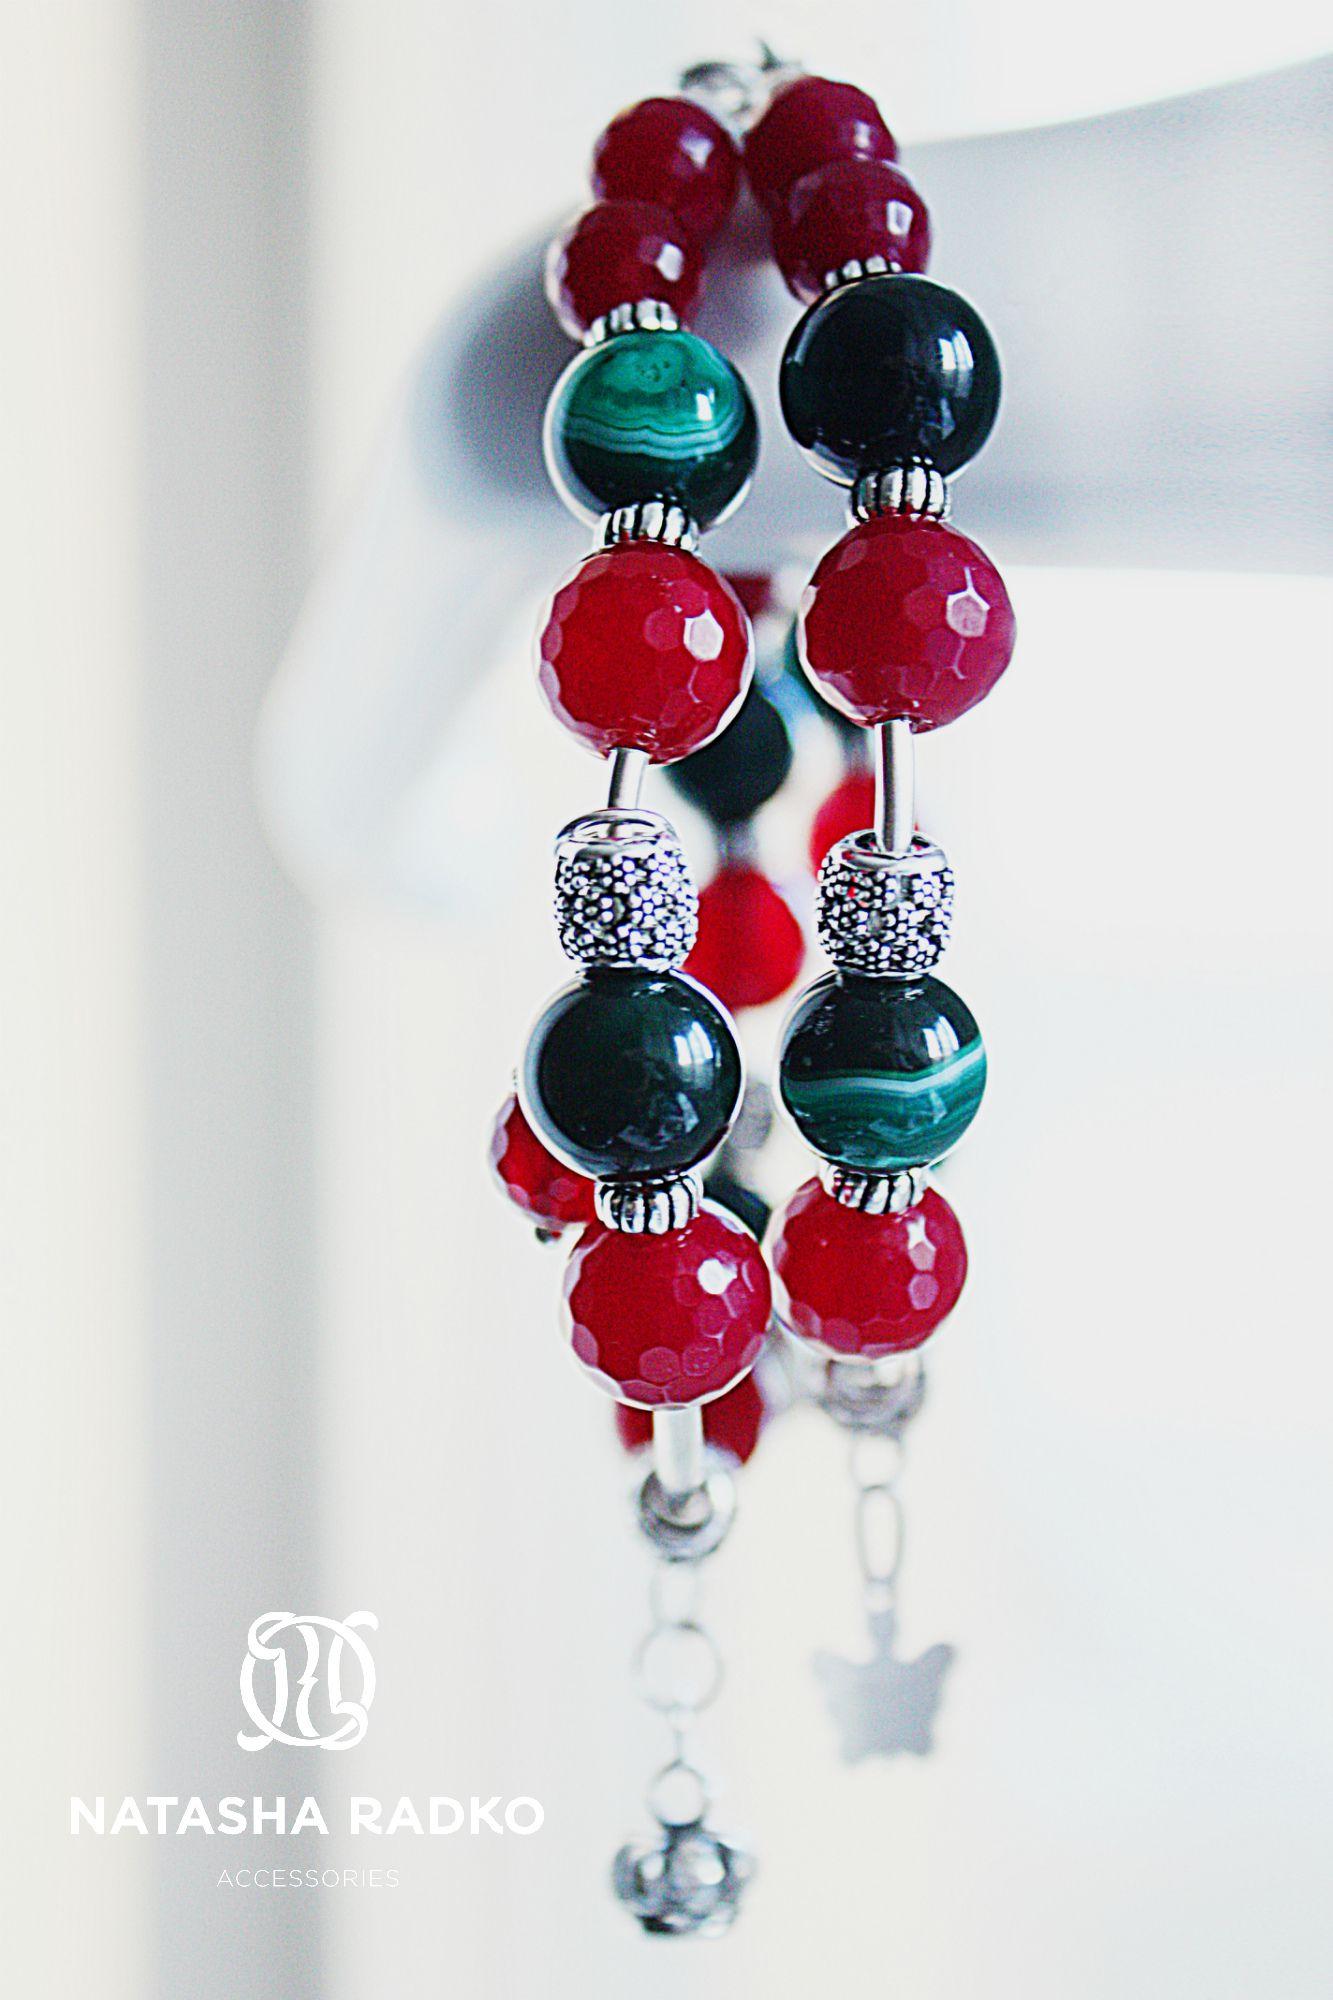 агат браслеты красота украшения вкус родохрозит уникальность творчество